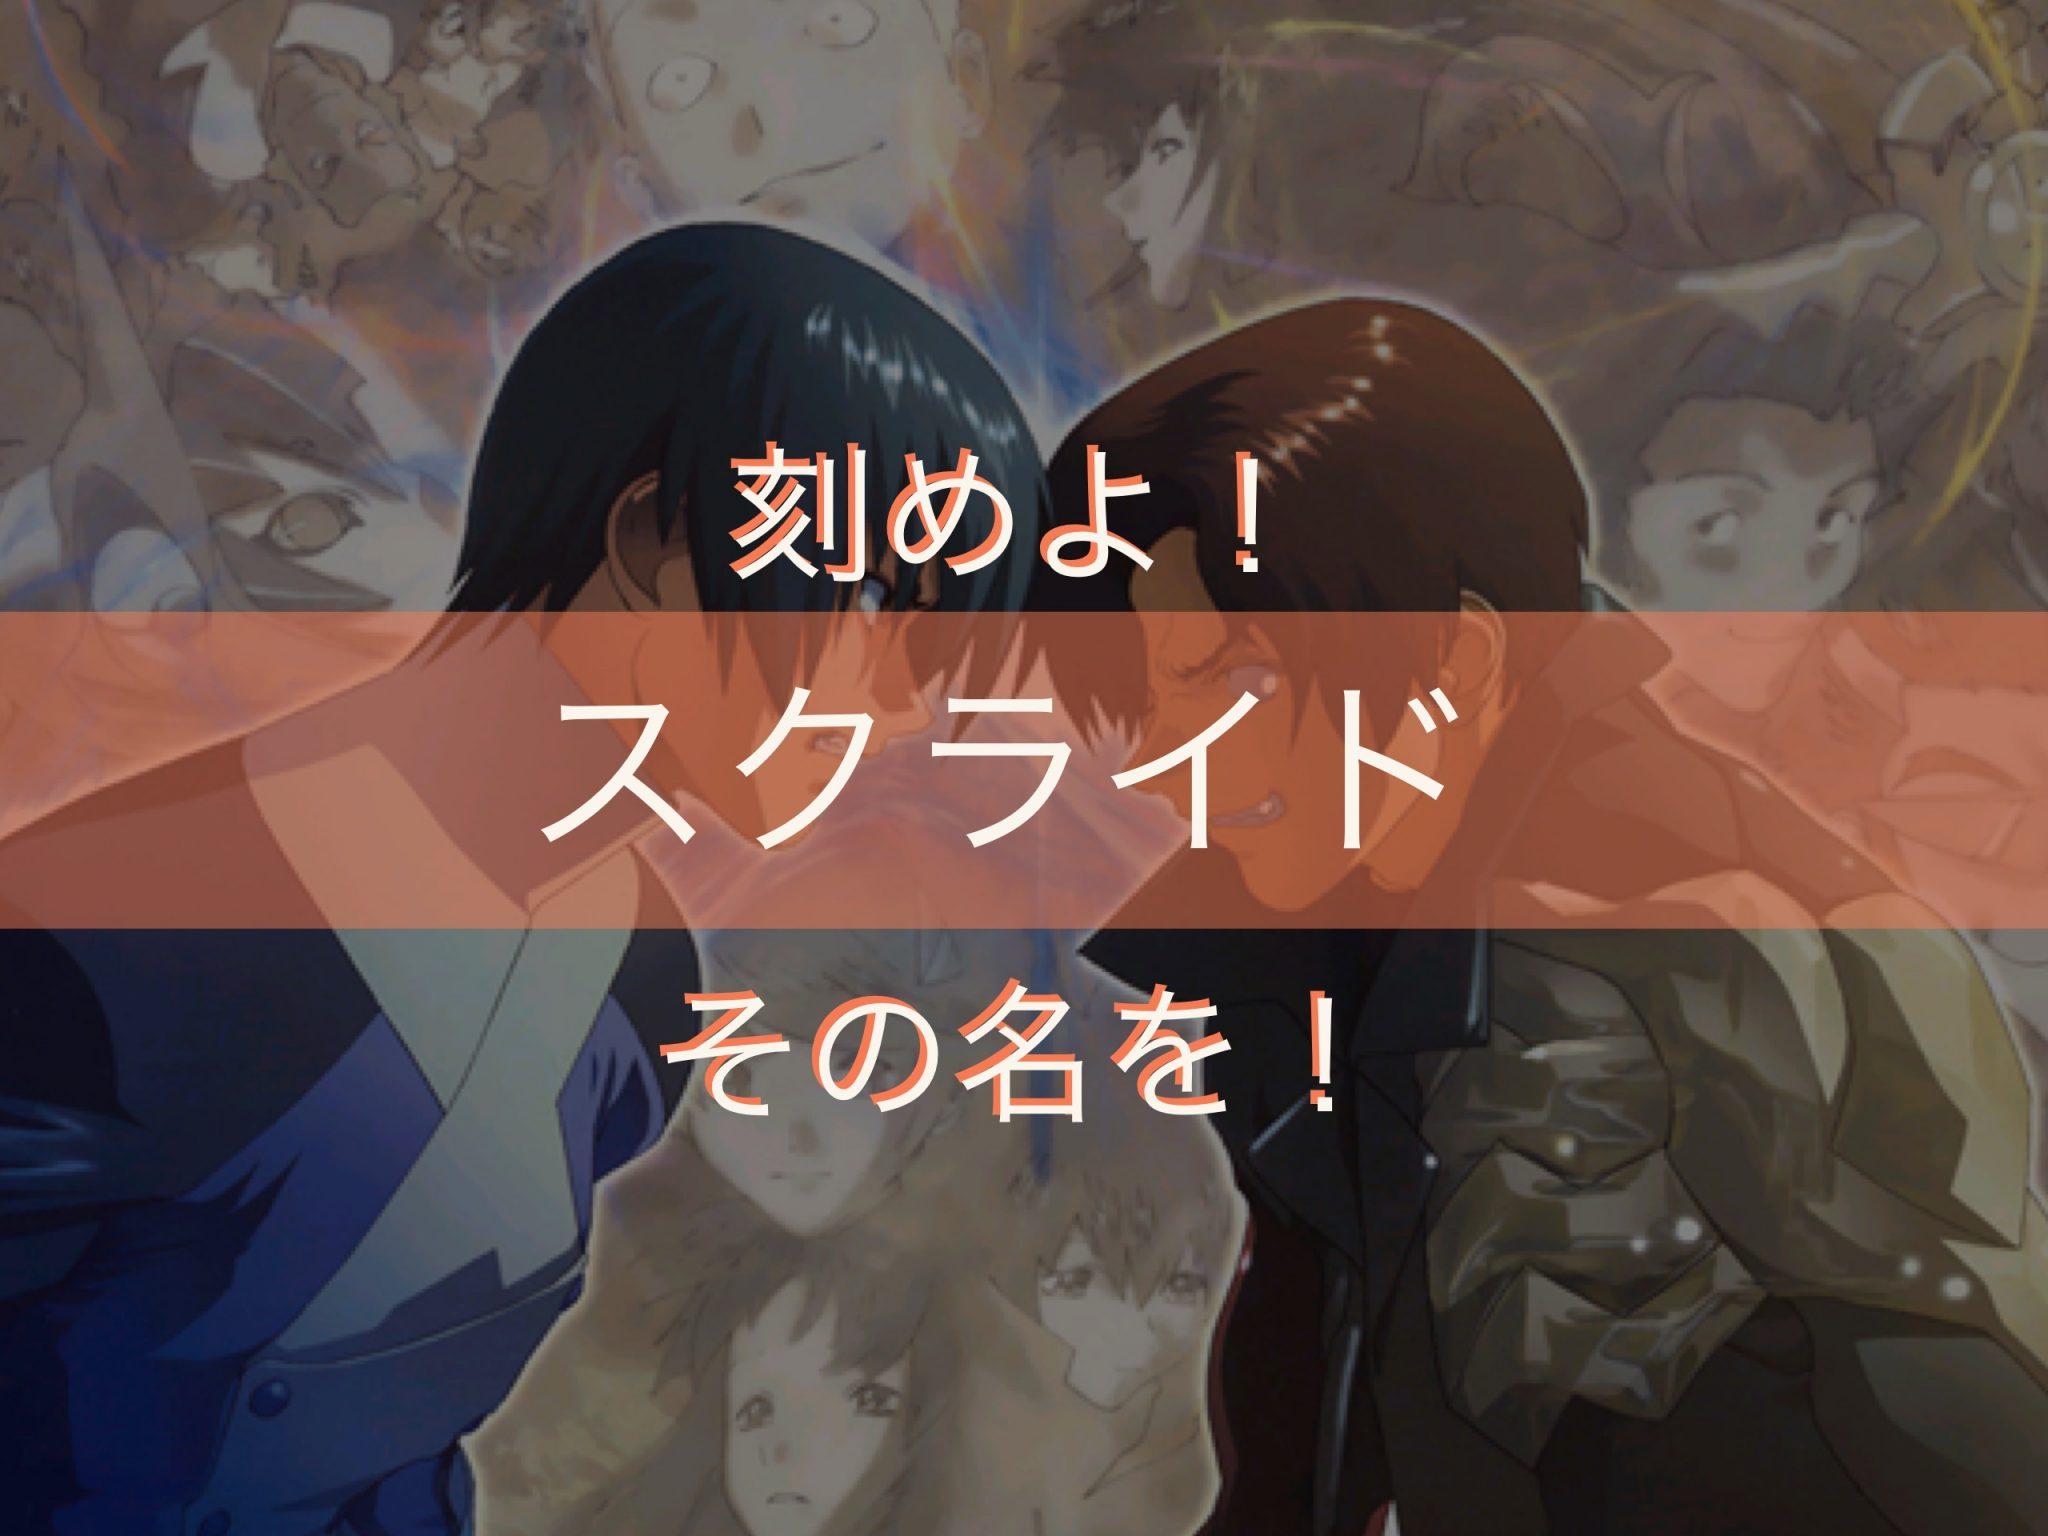 刻めよ!『スクライド』っていう神アニメの名をなぁ!!